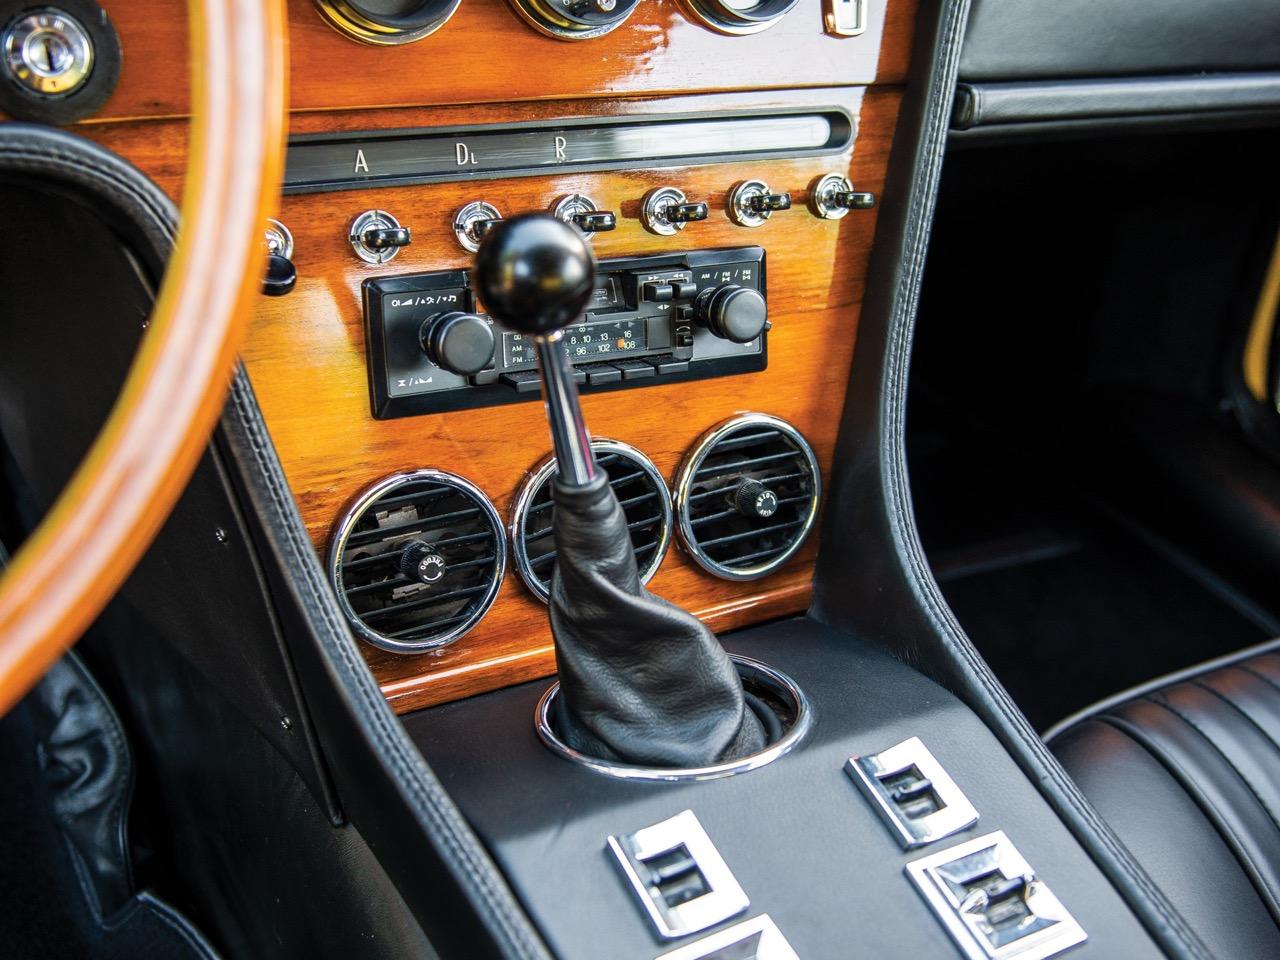 '68 Ferrari 365 GT 2+2 - Le charme des familiales ! 58